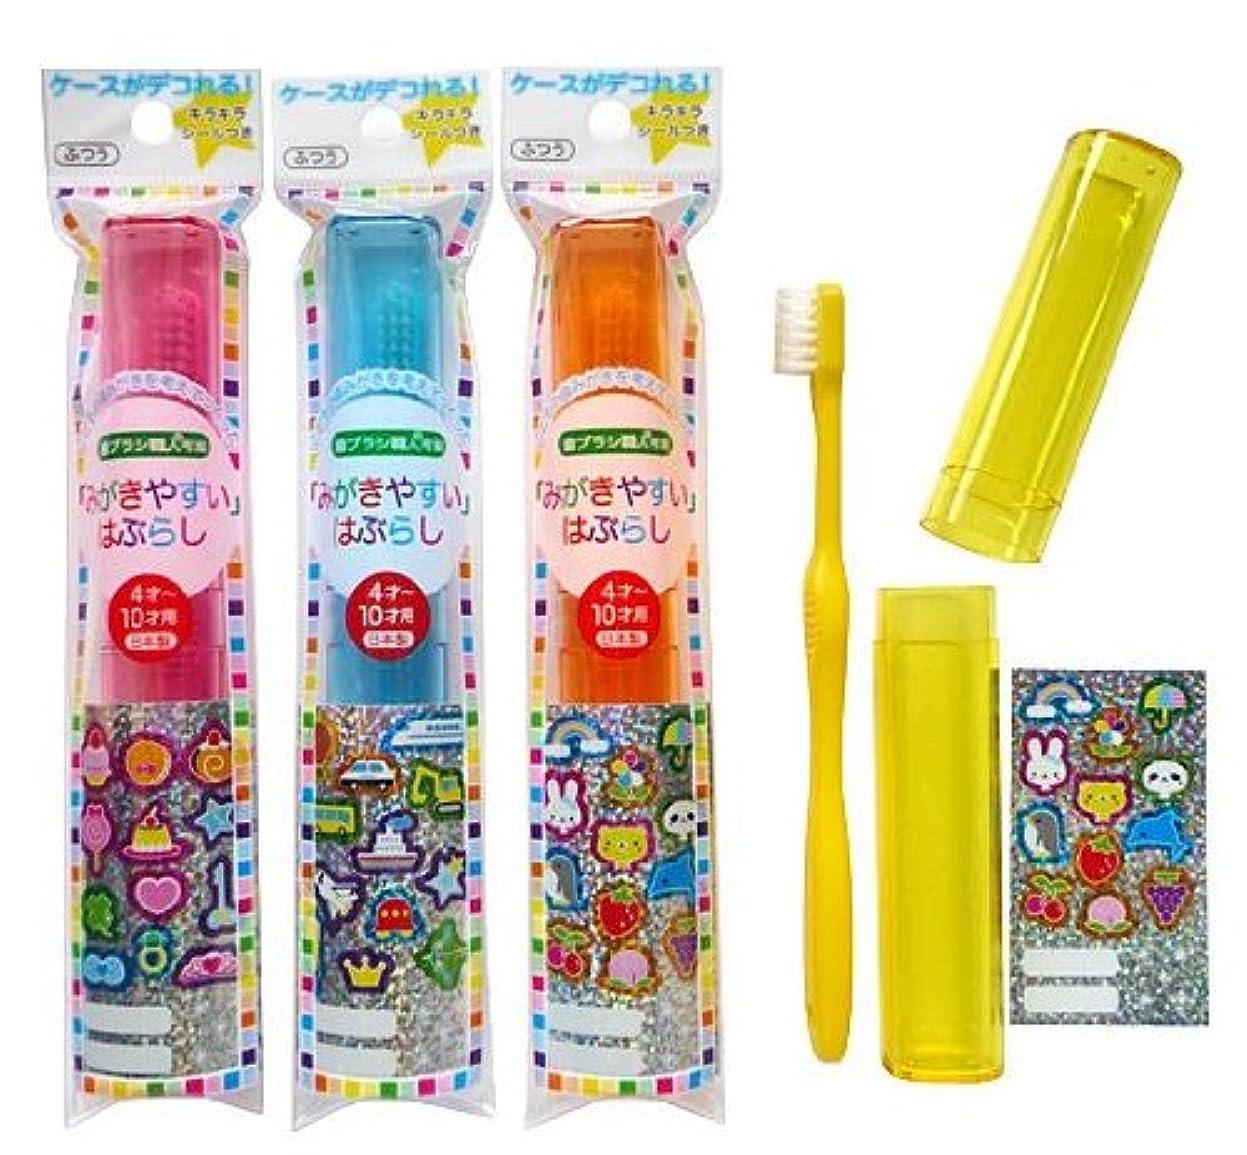 梨怒りエッセイライフレンジ 磨きやすい歯ブラシ こども用ケース付き 12本